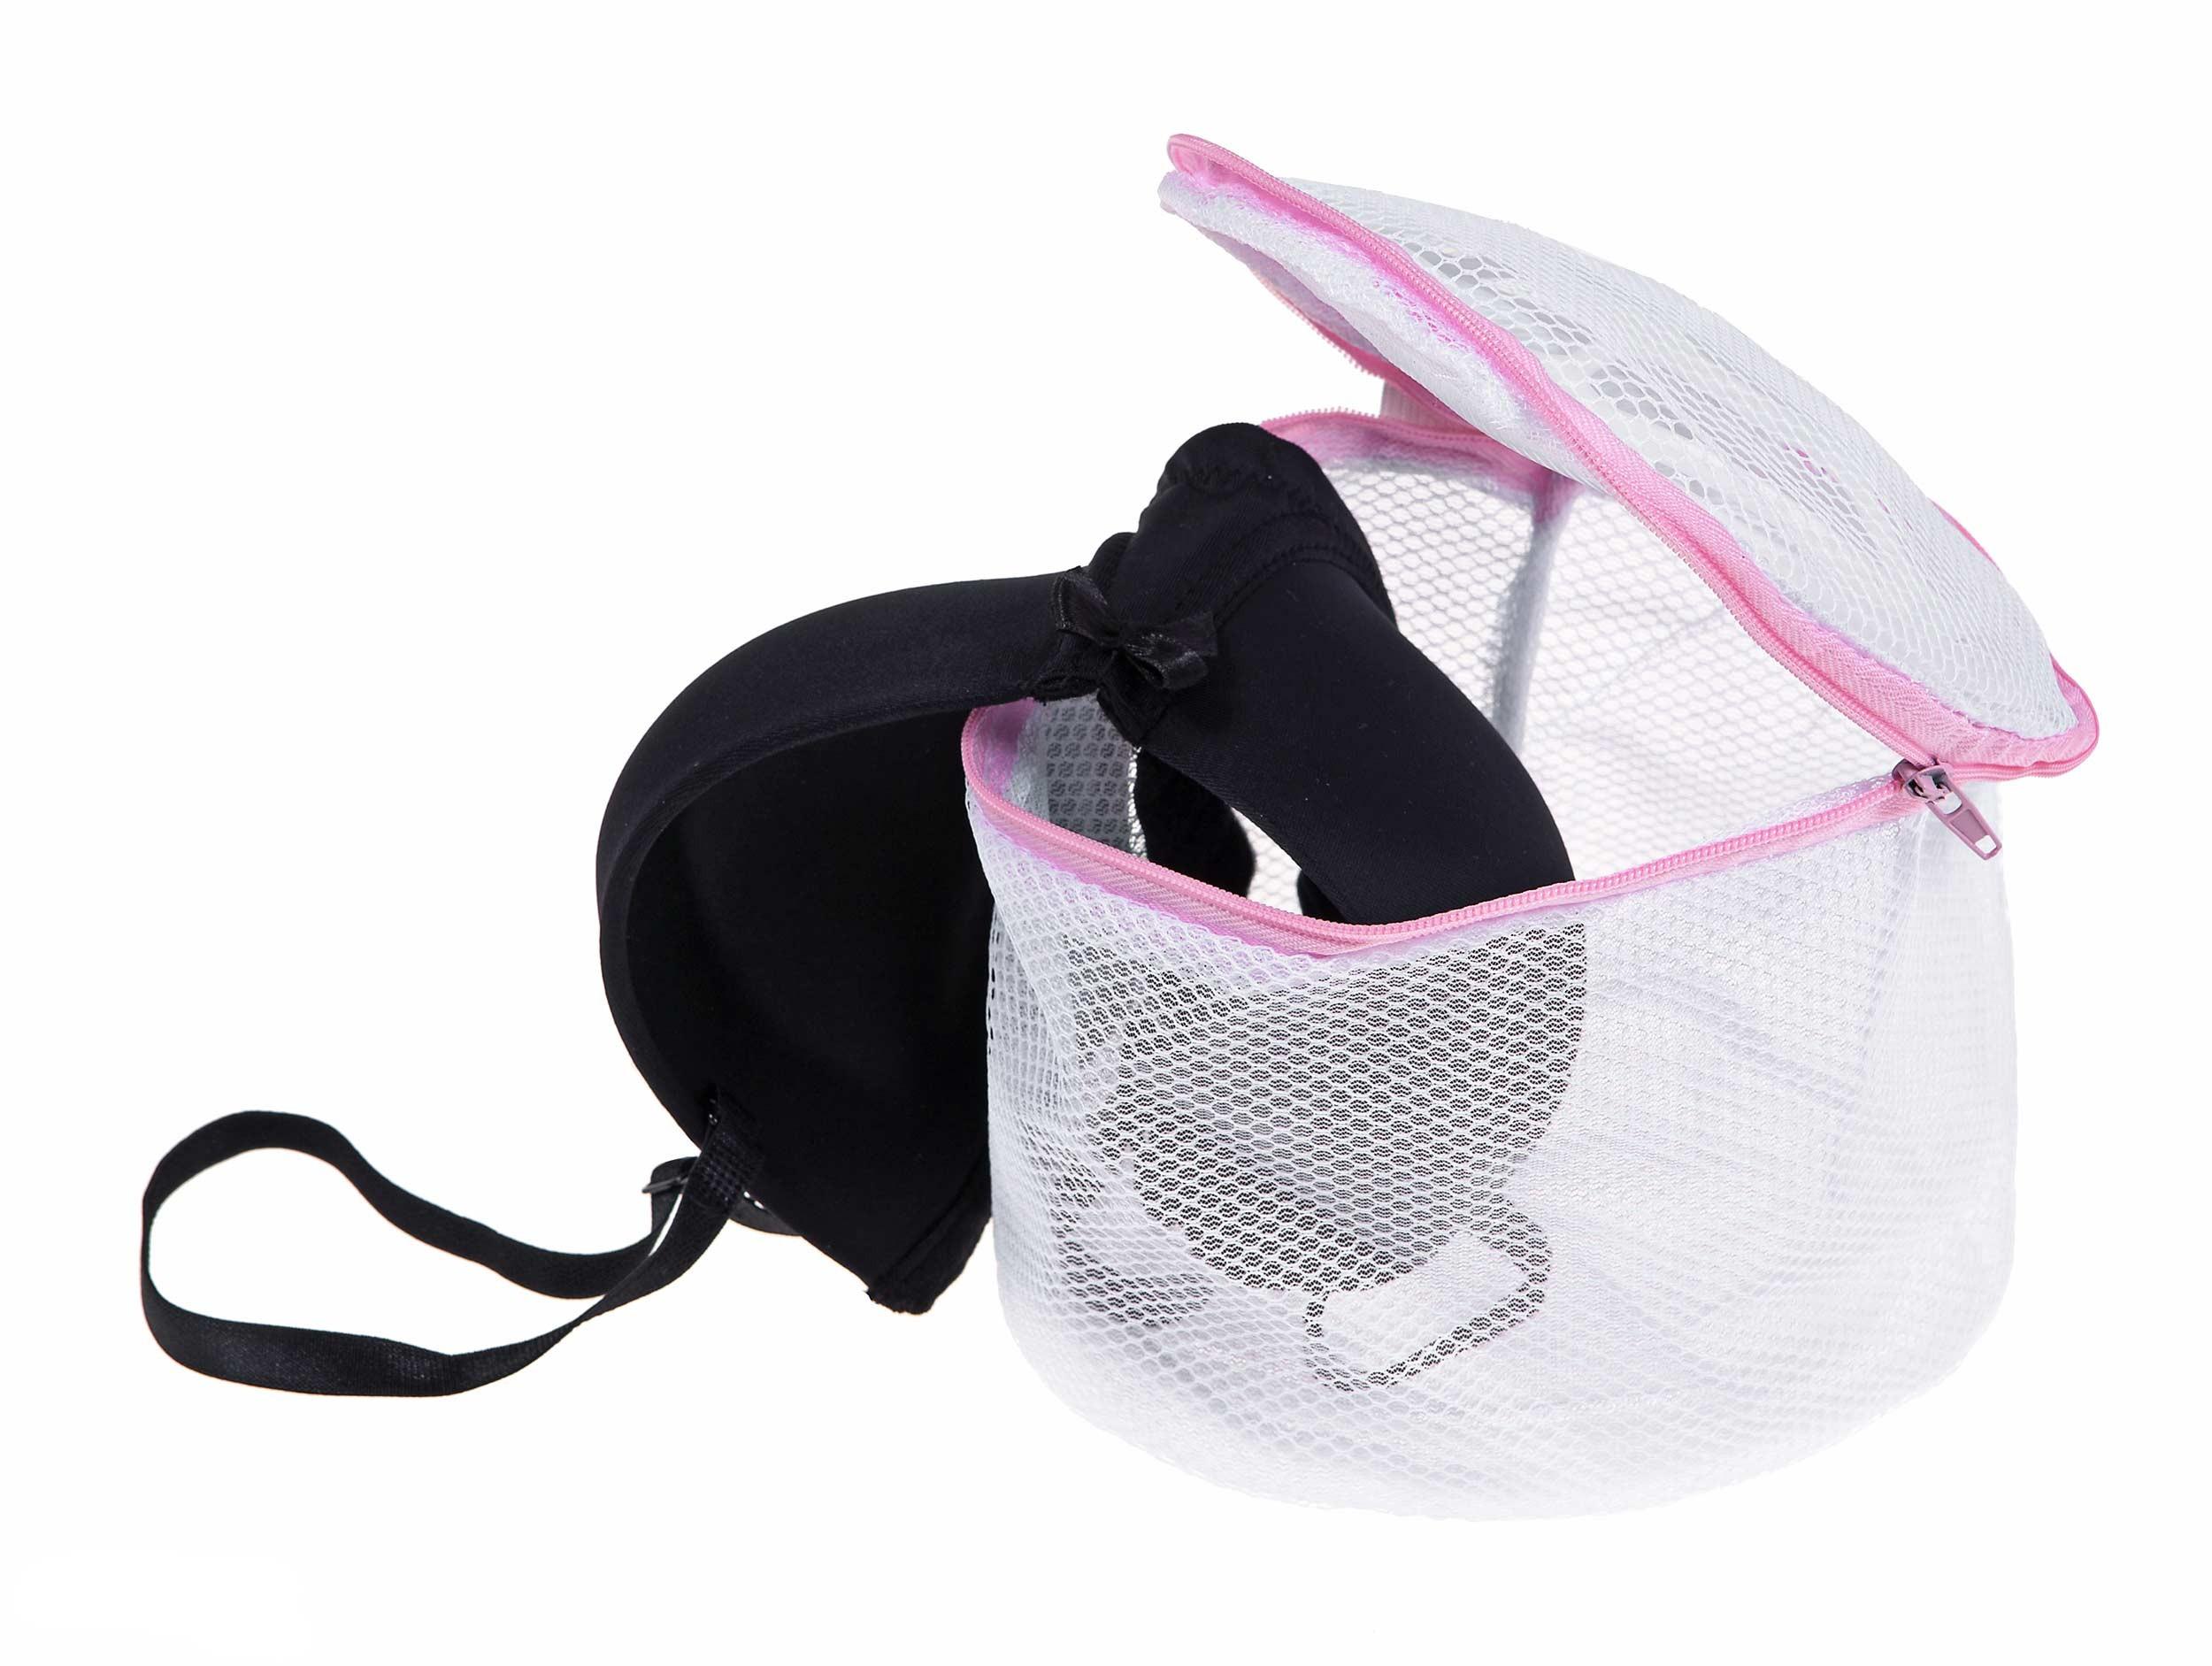 סלסלת רשת לכביסה במכונה - 30% הנחה בקניית 2 יח